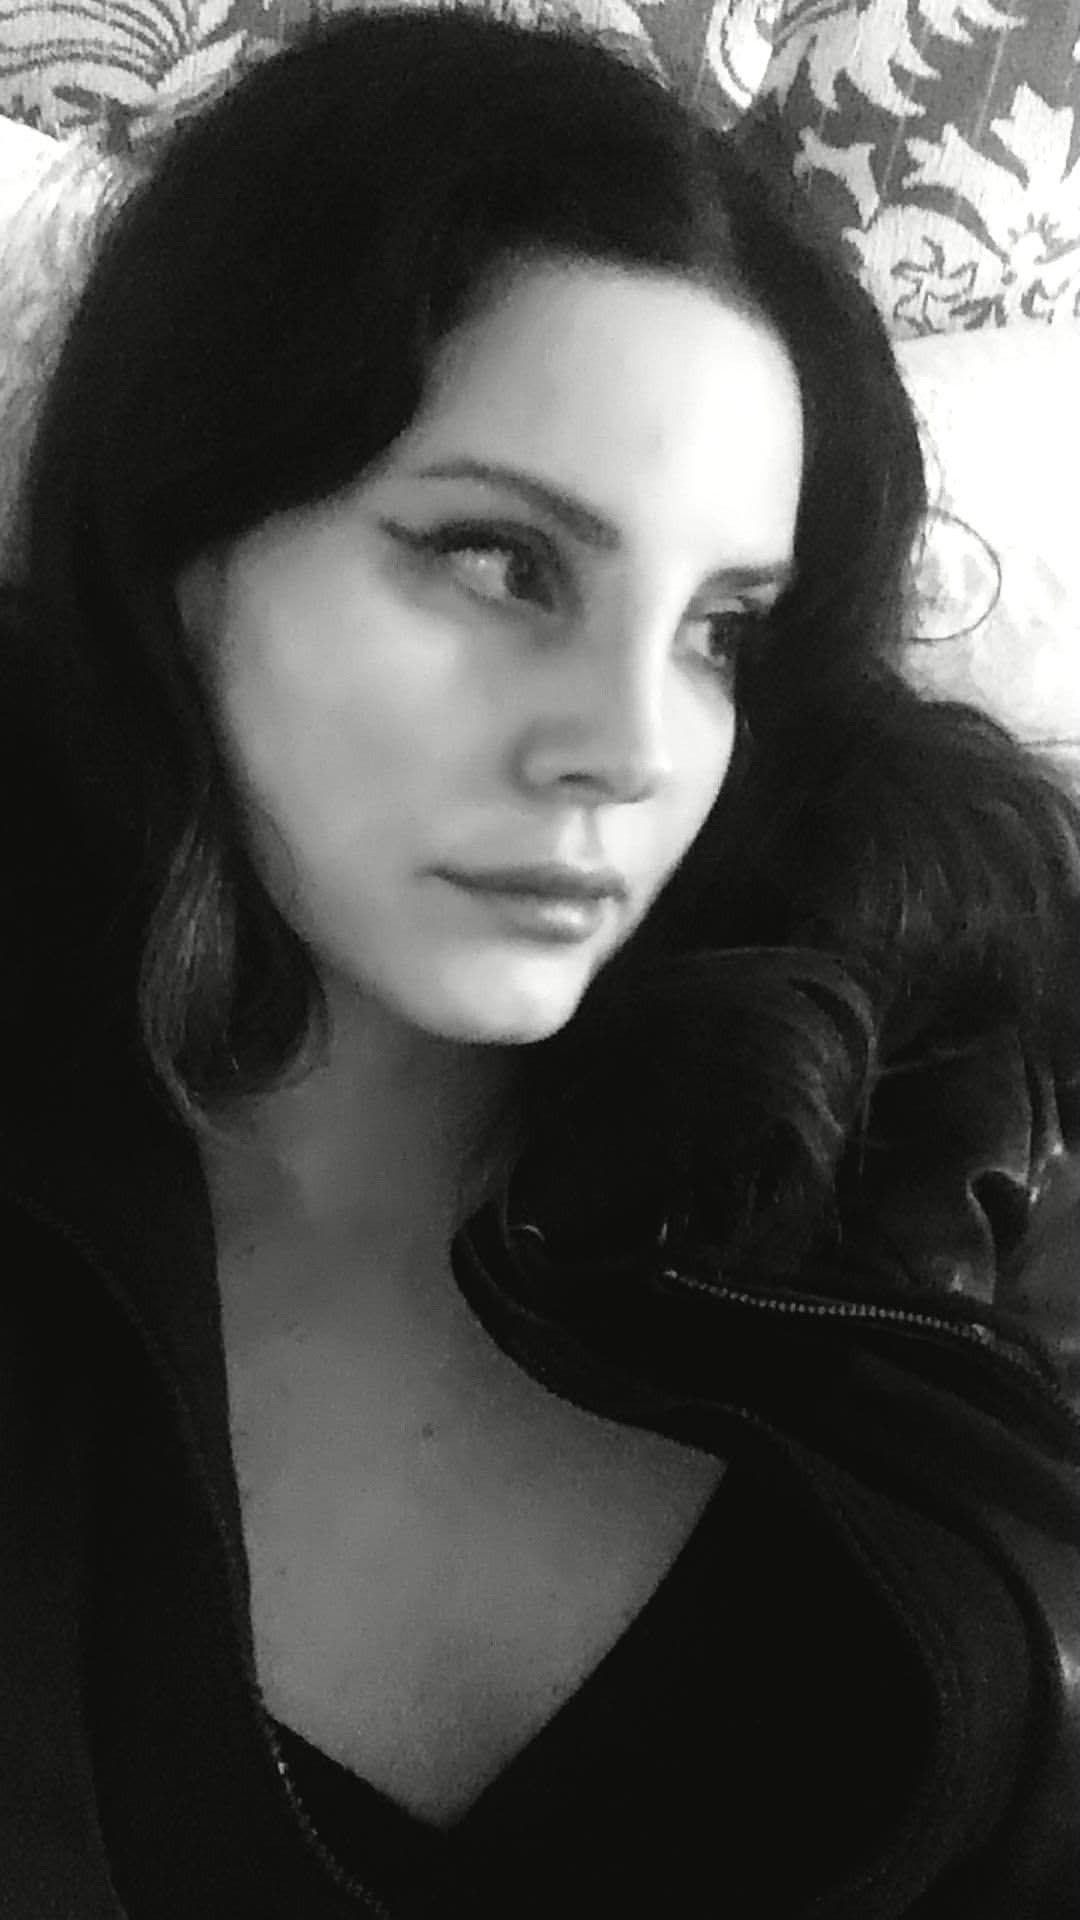 Selfie Lana Del Rey nudes (55 photo), Topless, Leaked, Selfie, lingerie 2018